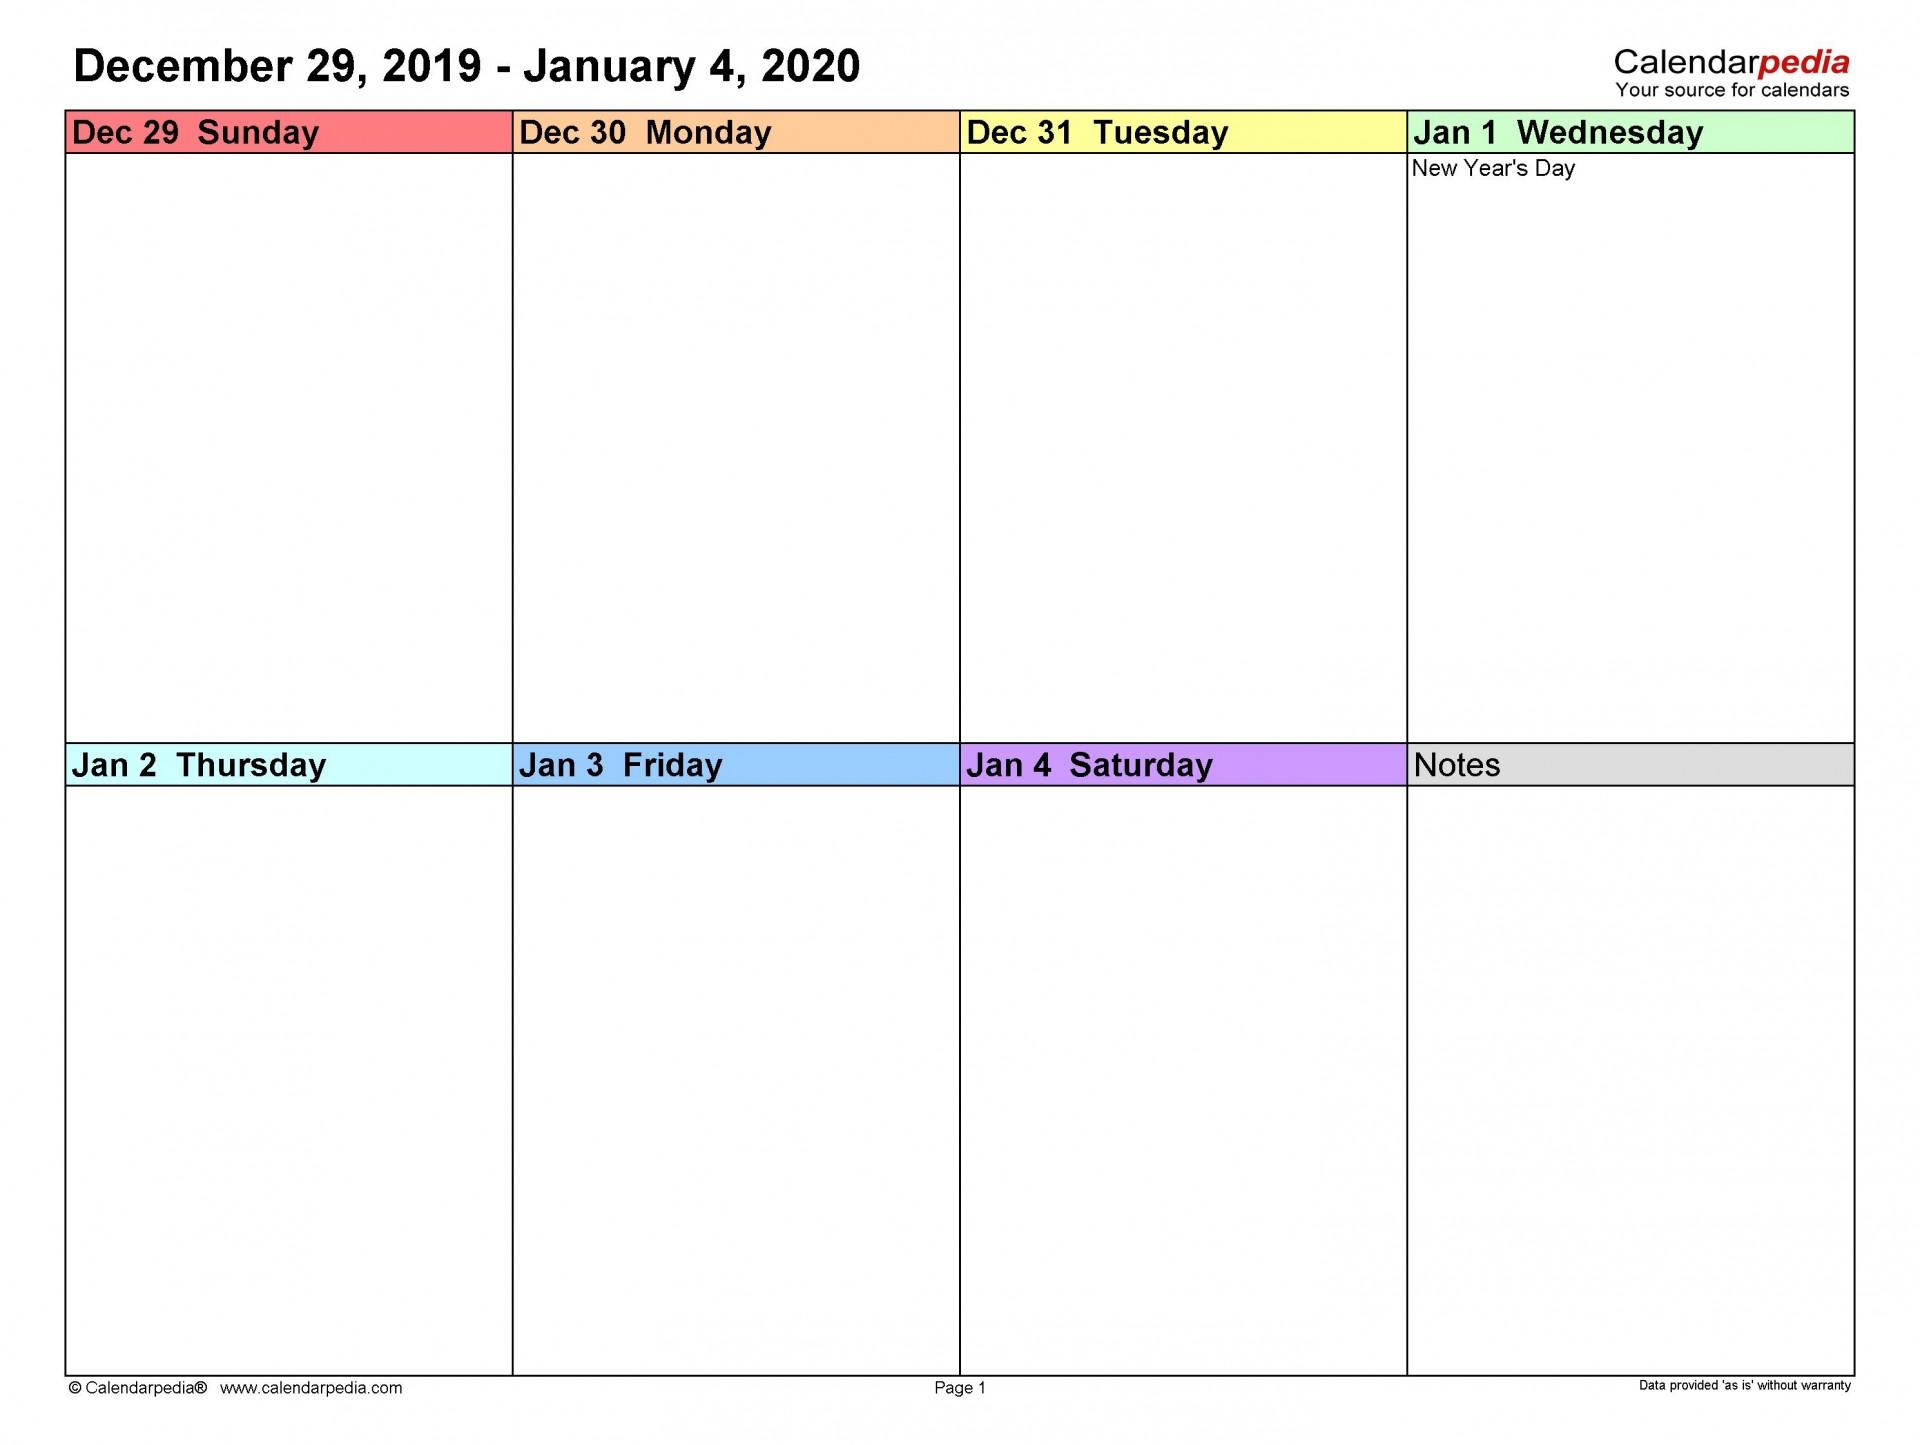 008 Striking Weekly Calendar Template 2020 Highest Clarity  Printable Blank Free1920